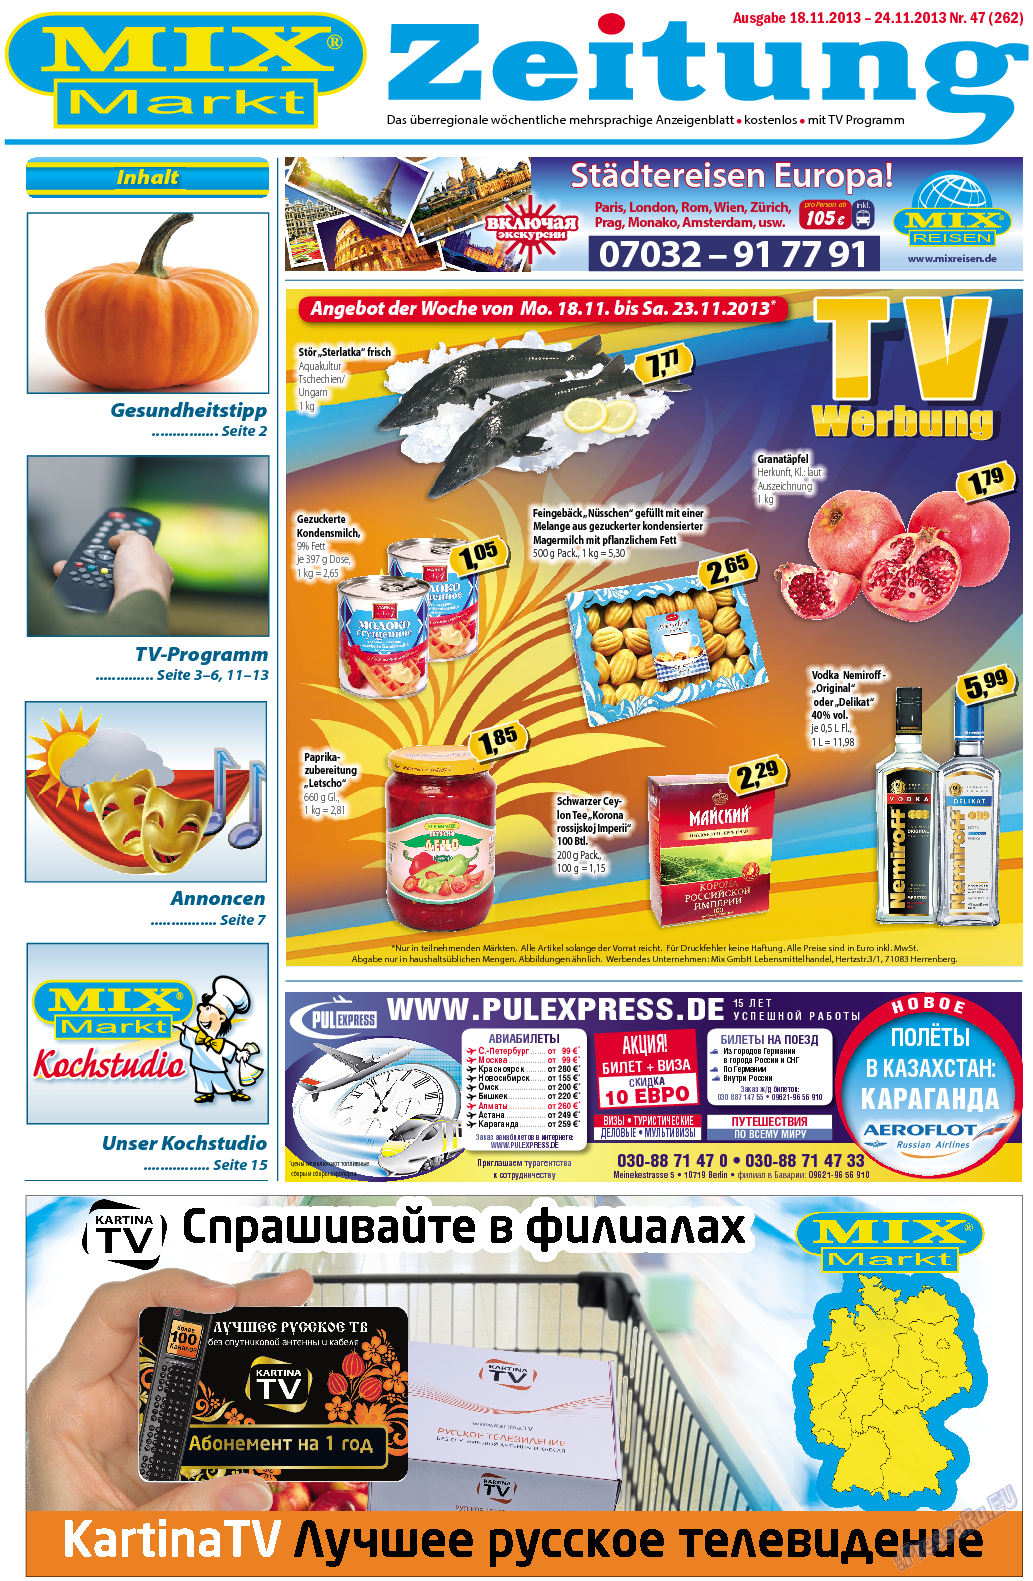 MIX-Markt Zeitung (газета). 2013 год, номер 47, стр. 1